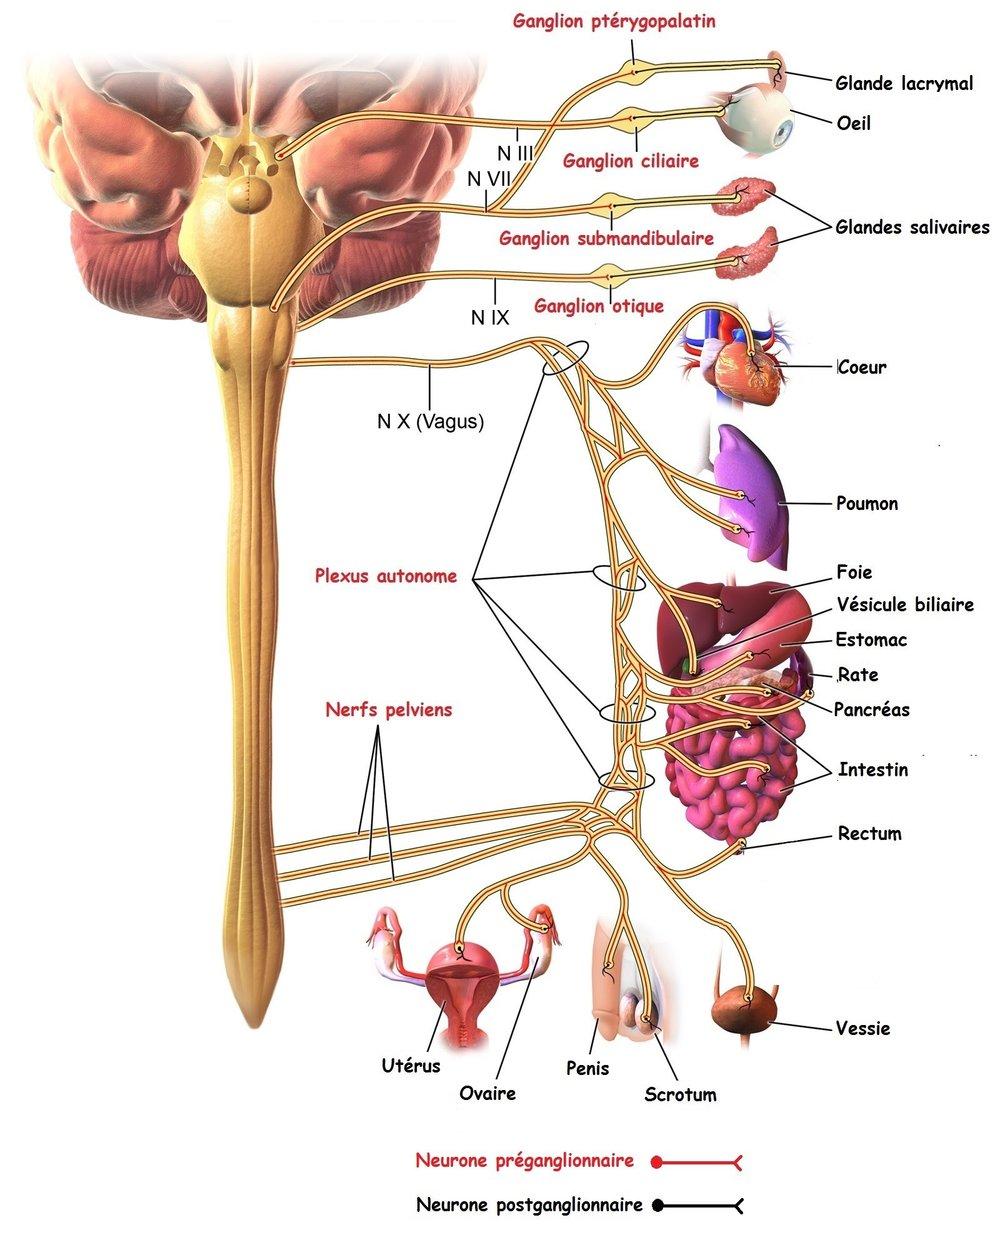 Système nerveux parasympathique ☞  Assure l'entretien courant de l'organisme (maintien de l'homéostasie). ☞ Les ganglions sont situés près ou dans les viscères : le 1er neurone est long alors que le 2ème est très court. ☞ 3 territoires :  - Le territoire céphalique : les fibres préganglionnaires. -  Le territoire cervico-thoraco-abdominal innervé par le nerf vague (ou pneumogastrique ou X) Seul le nerf X assure l'innervation des organes thoraciques et abdominaux. Il forme l'équivalent pour le parasympathique de la chaîne des ganglions sympathiques pour l'orthosympathique. -Le territoire pelvien : les fibres parasympathiques    ole contingent supérieur innerve la vessie, l'utérus, le rectum et le colon.    oLe contingent inférieur innerve les organes génitaux externes.